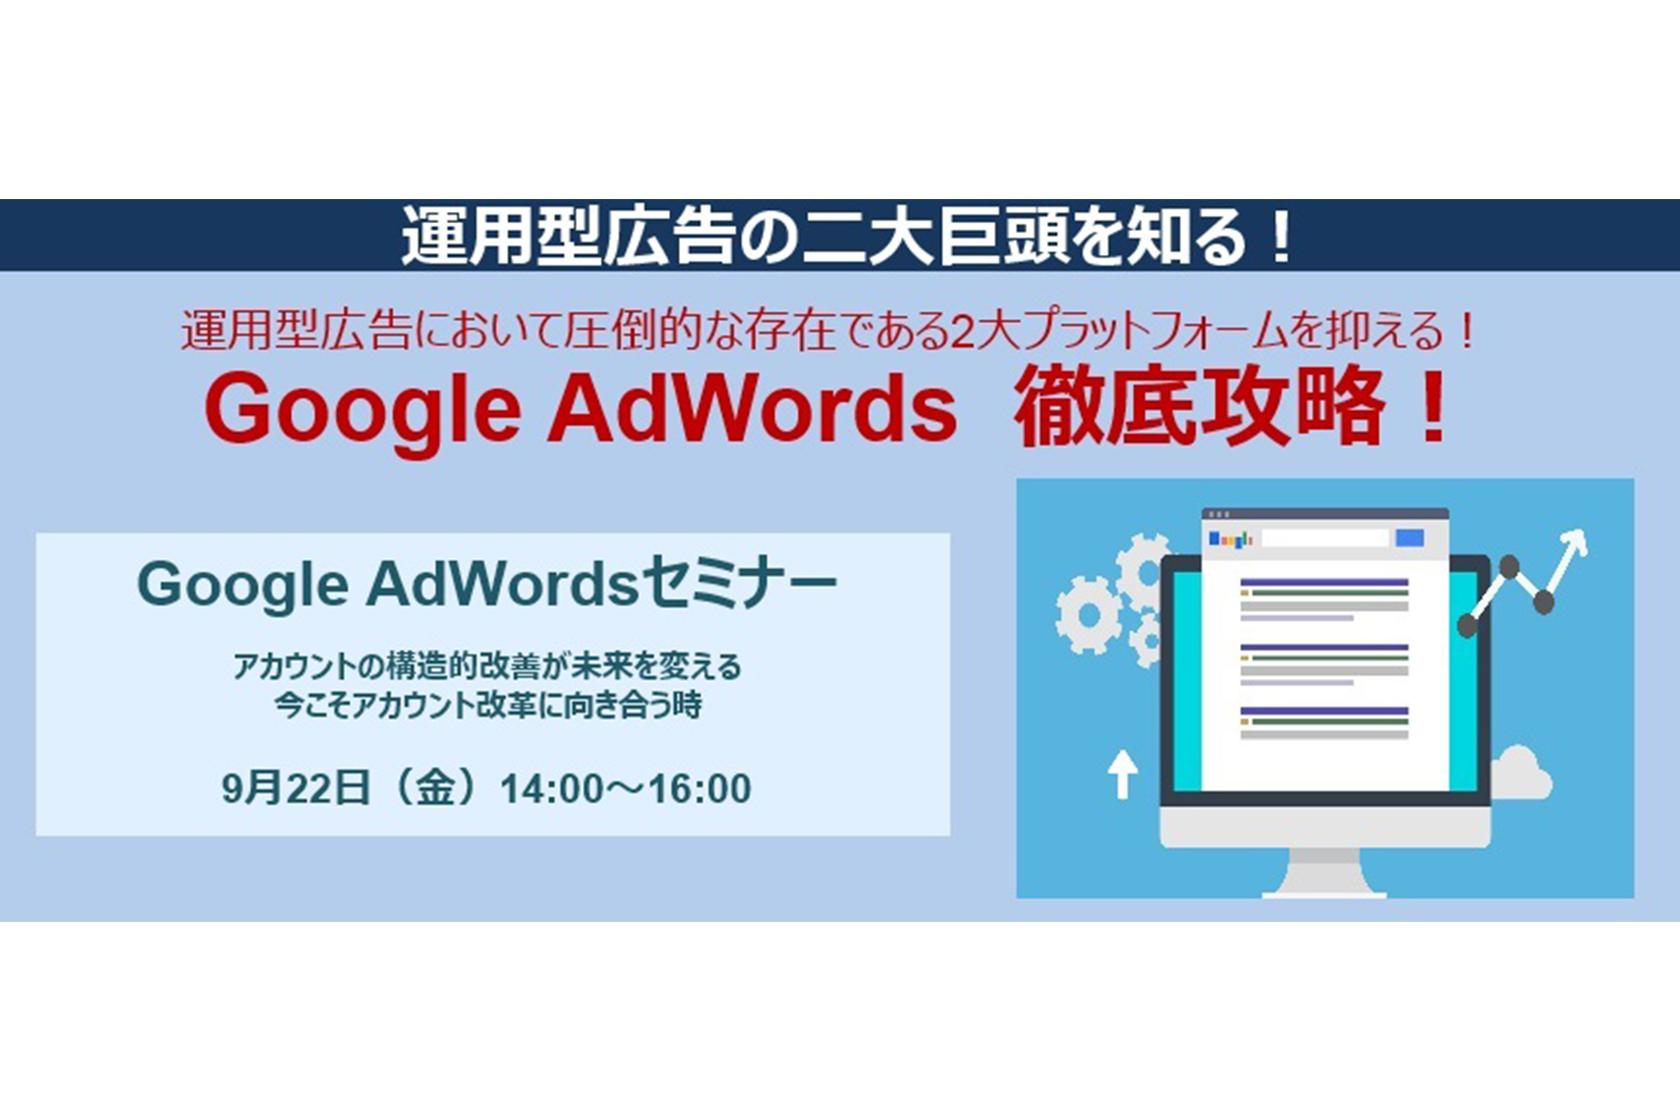 2017年9月22日開催決定!『Google AdWordsセミナー~アカウントの構造的改善が未来を変える~』